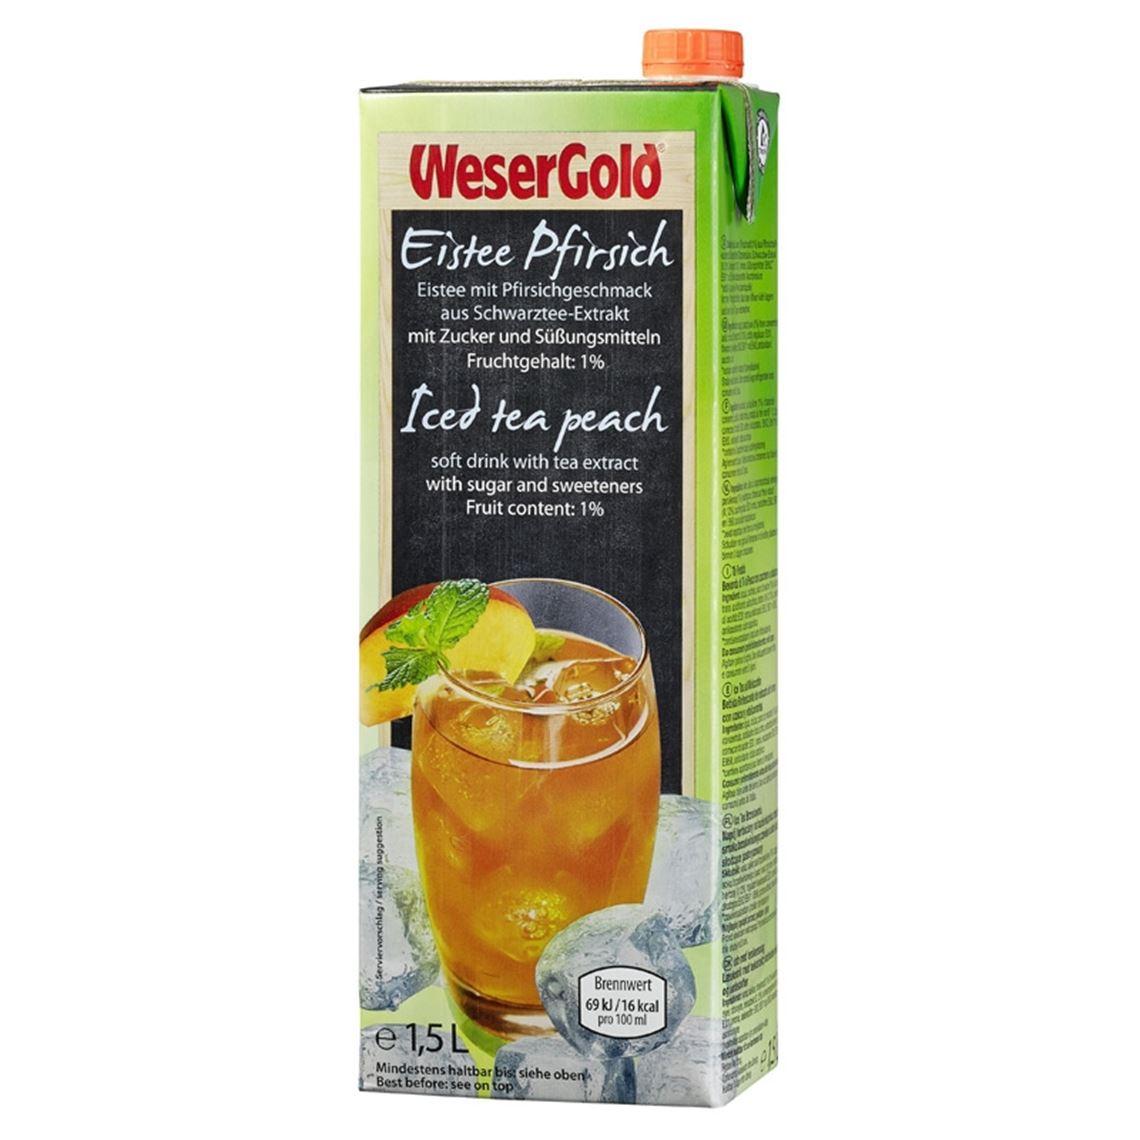 Wesergold Eistee Pfirsich